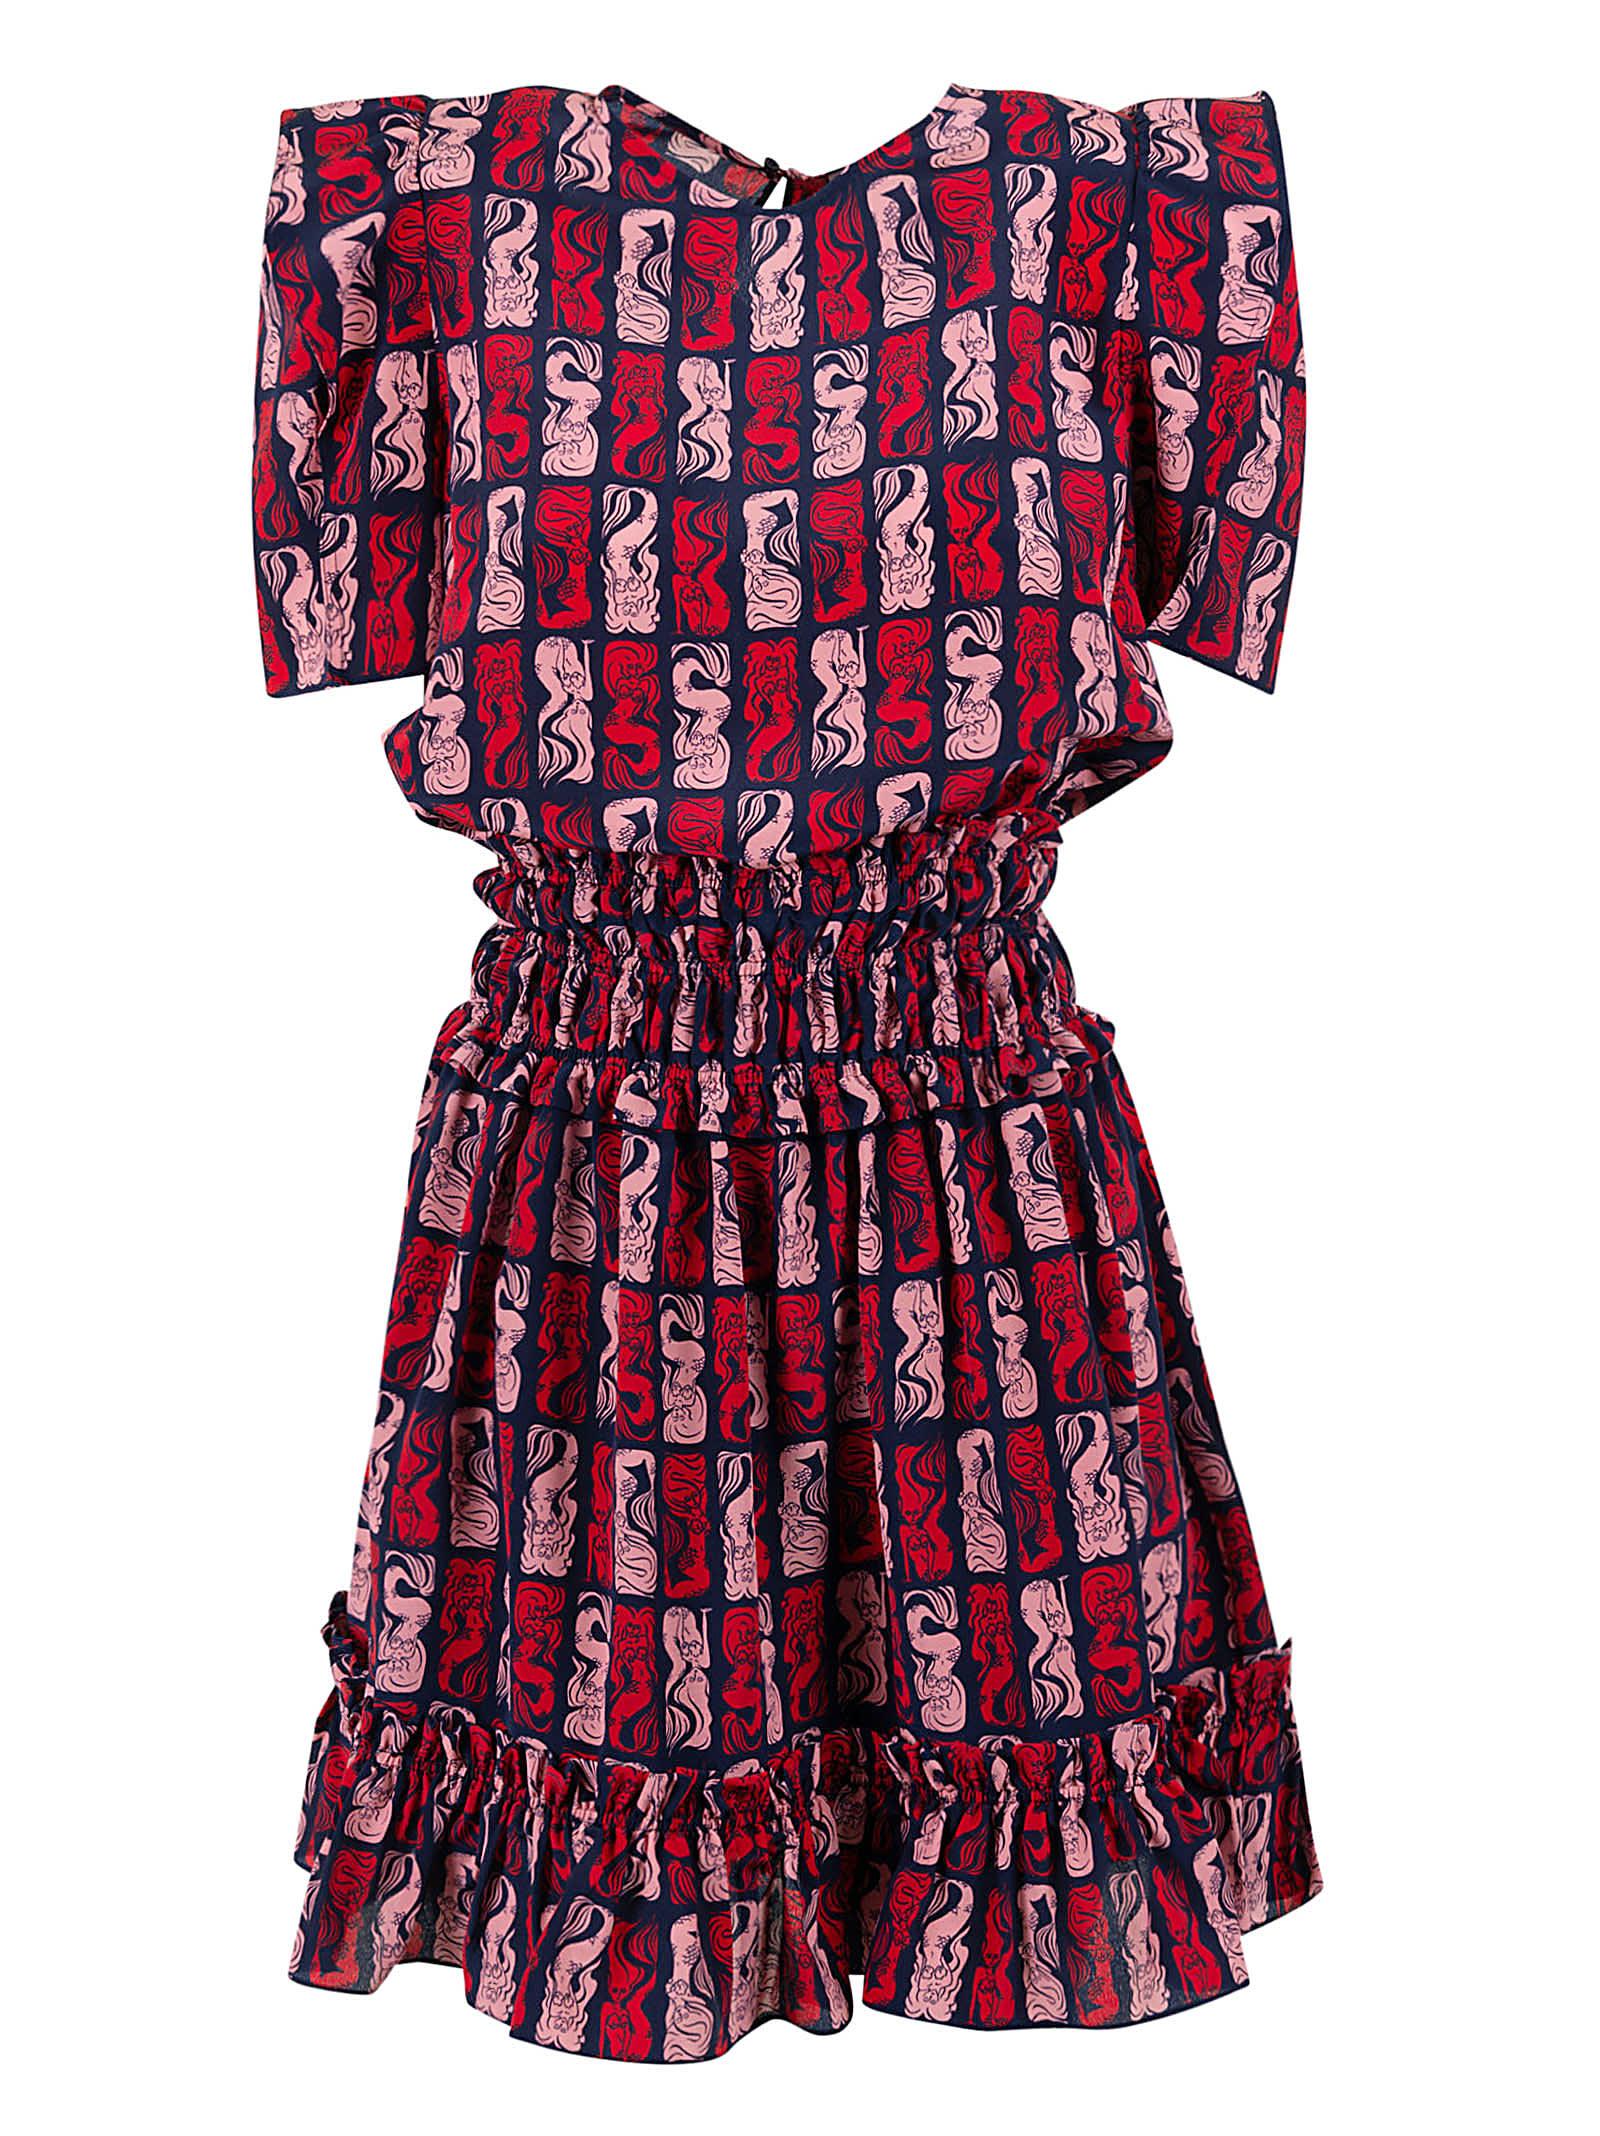 Kenzo Soft Flare Smocking Dress